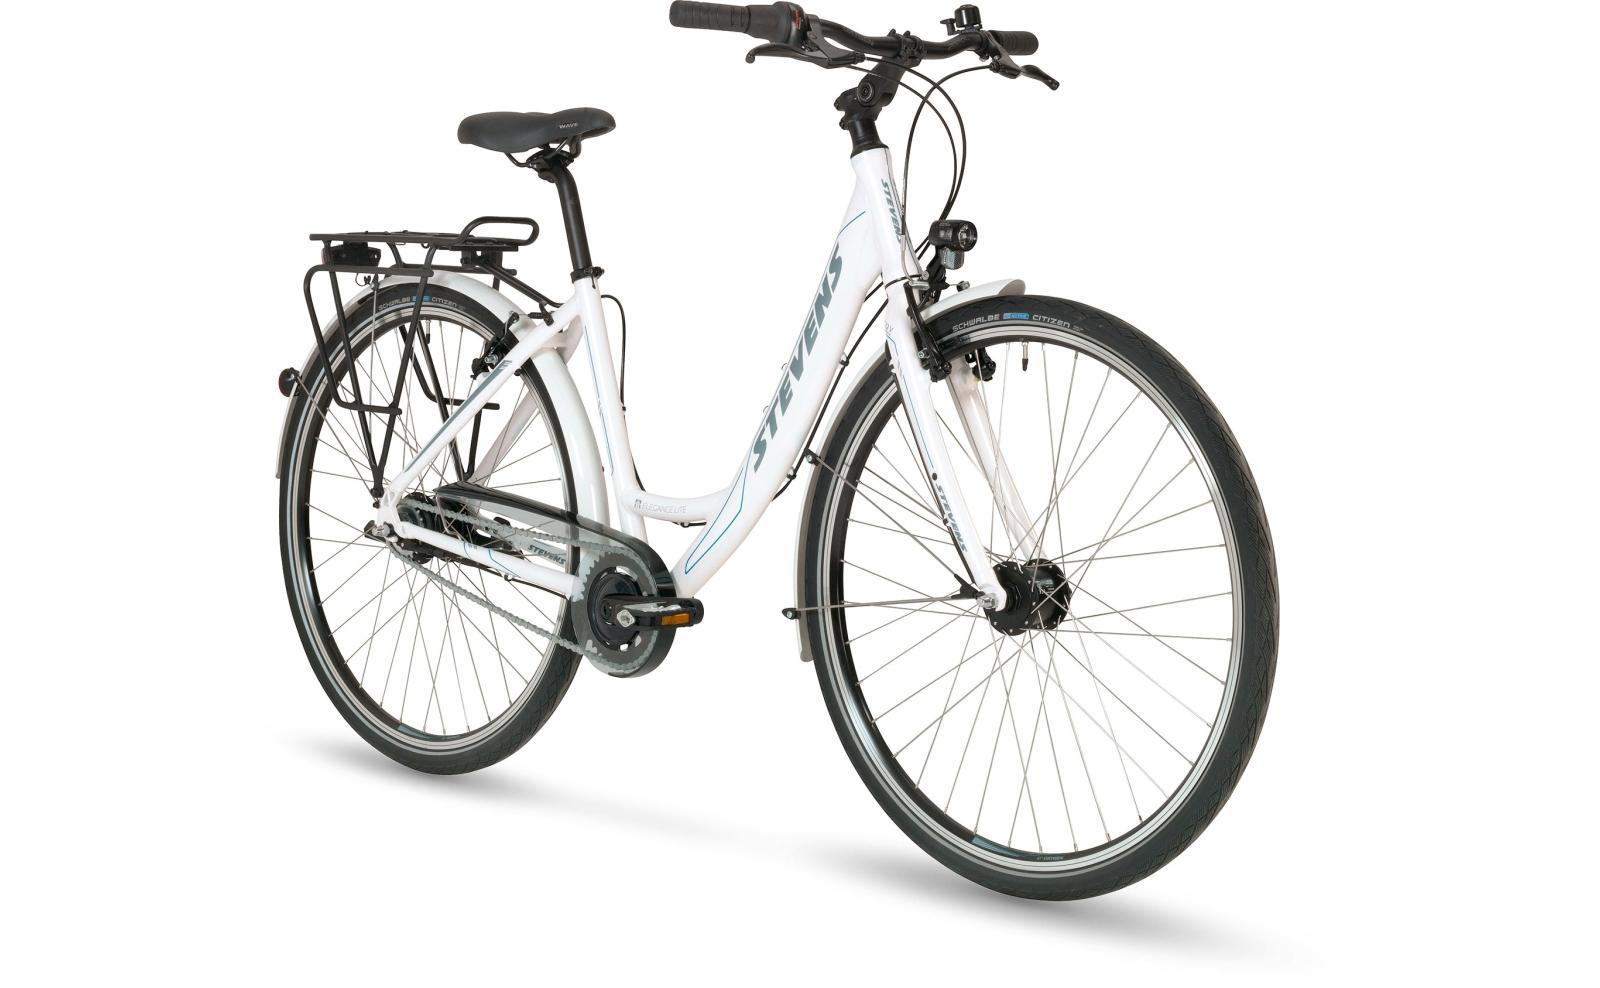 stevens elegance lite forma city bikes fitnessr der 2017. Black Bedroom Furniture Sets. Home Design Ideas